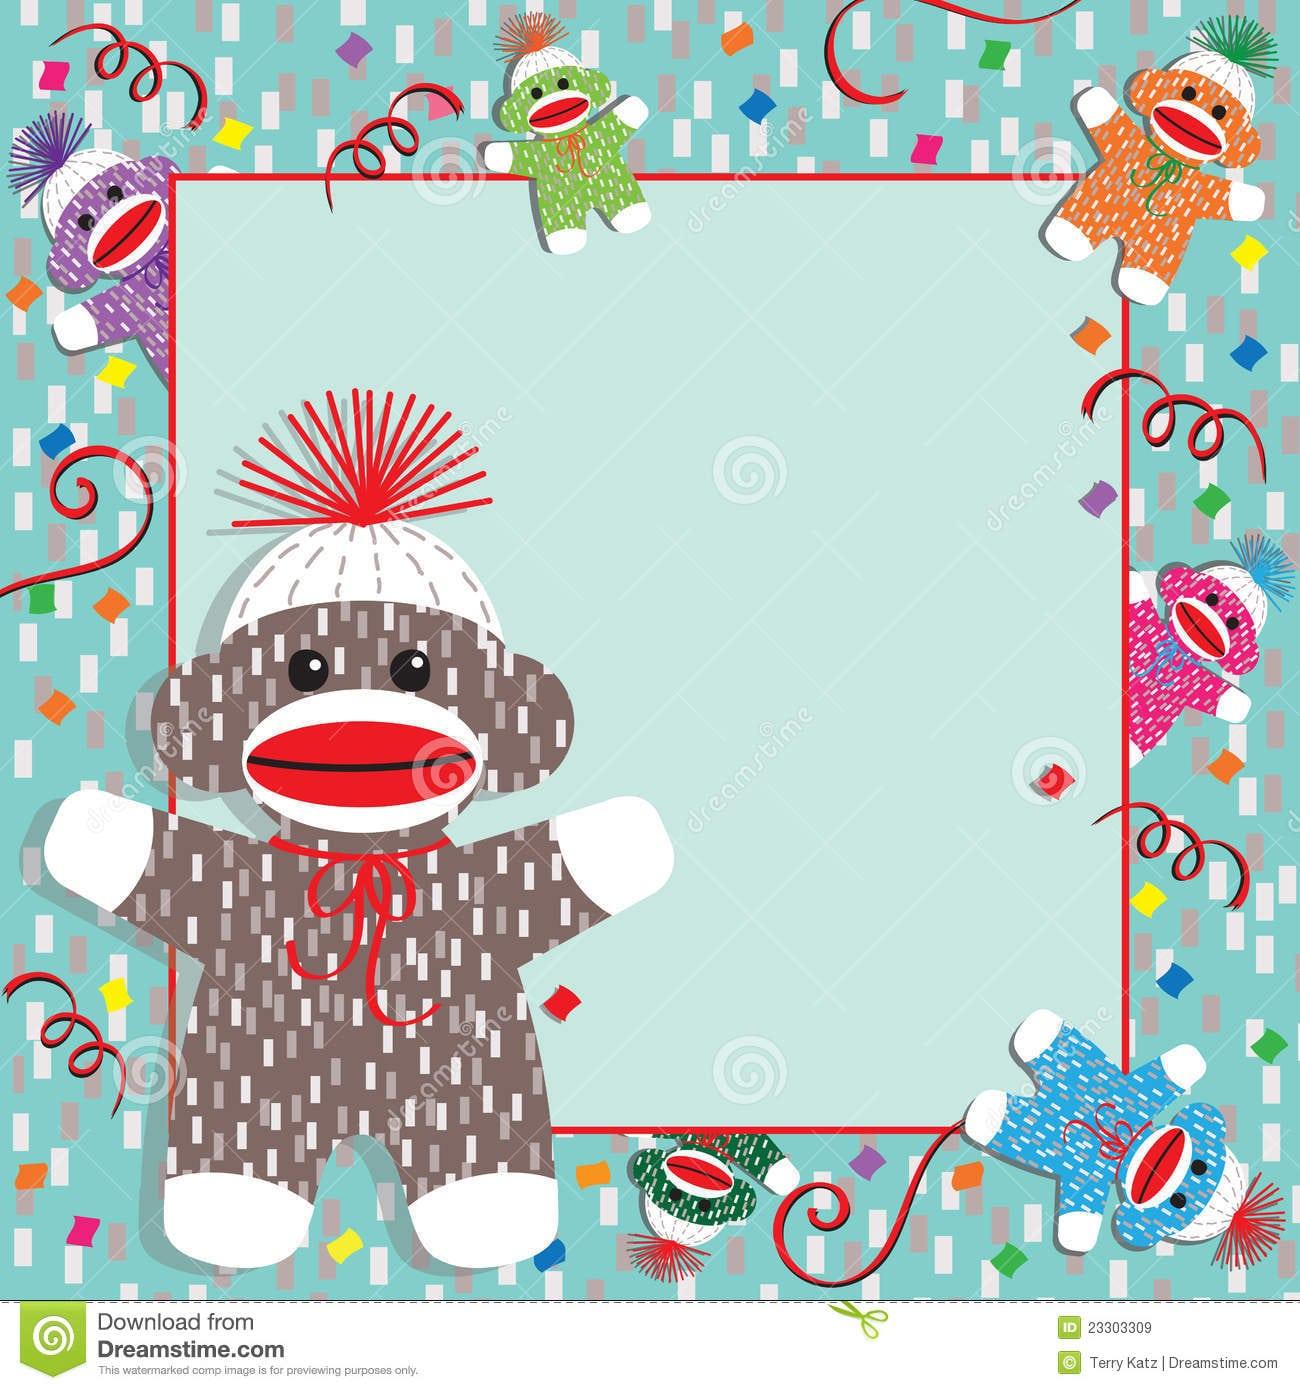 Sock Monkey Party Invitation Royalty Free Stock Photo